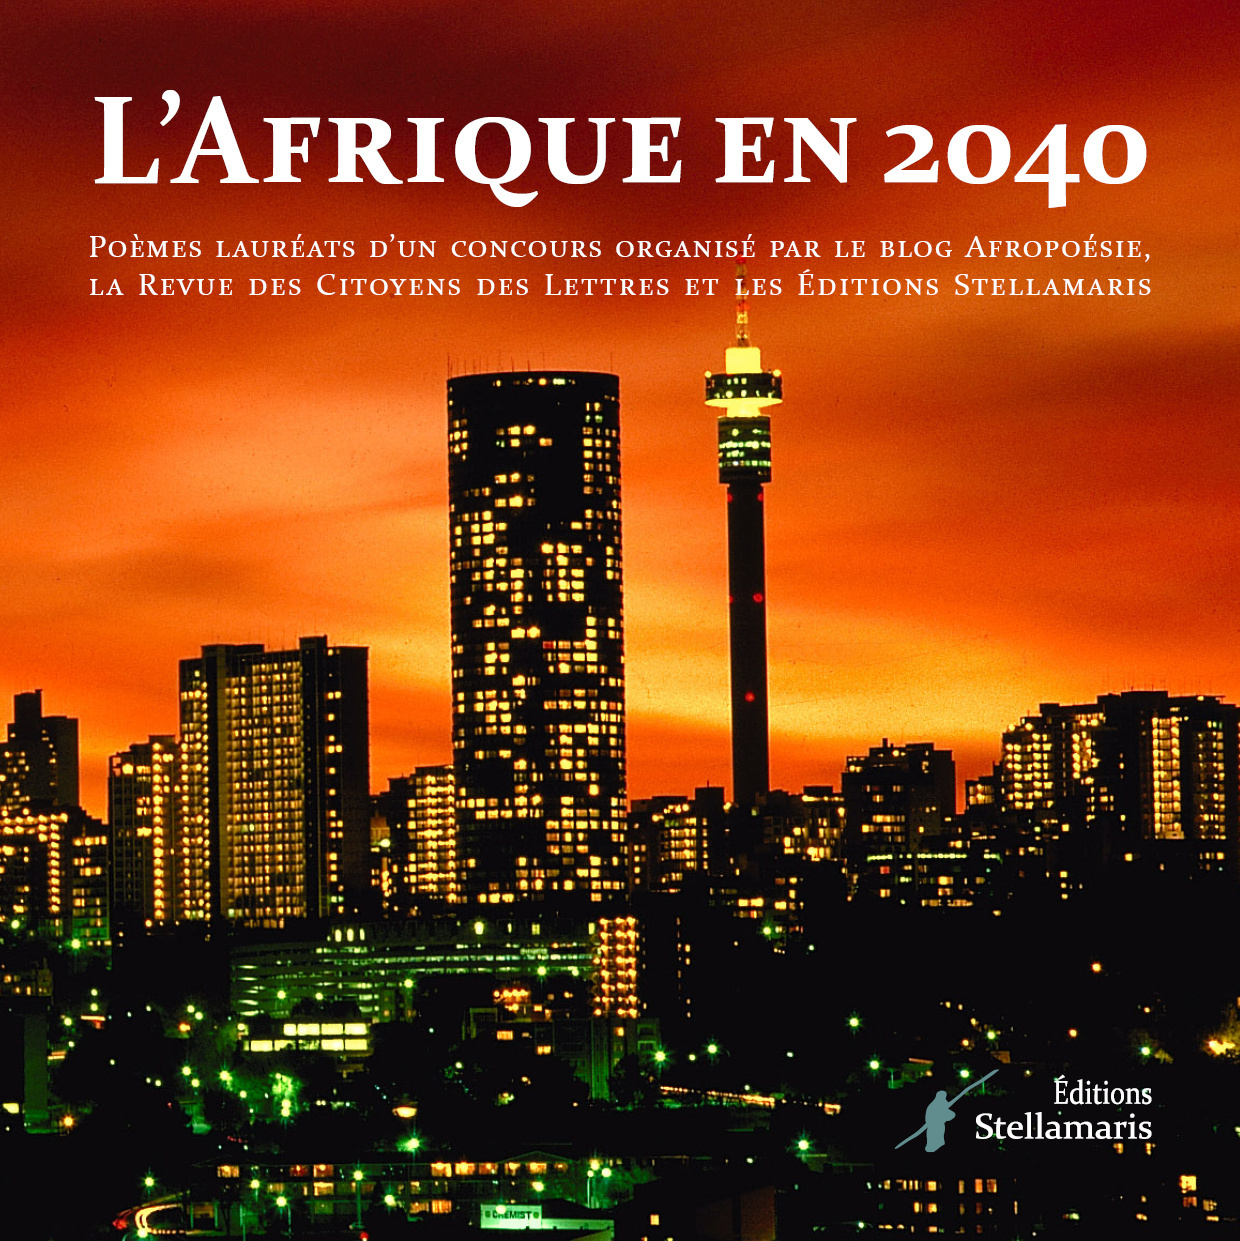 L'AFRIQUE EN 2040